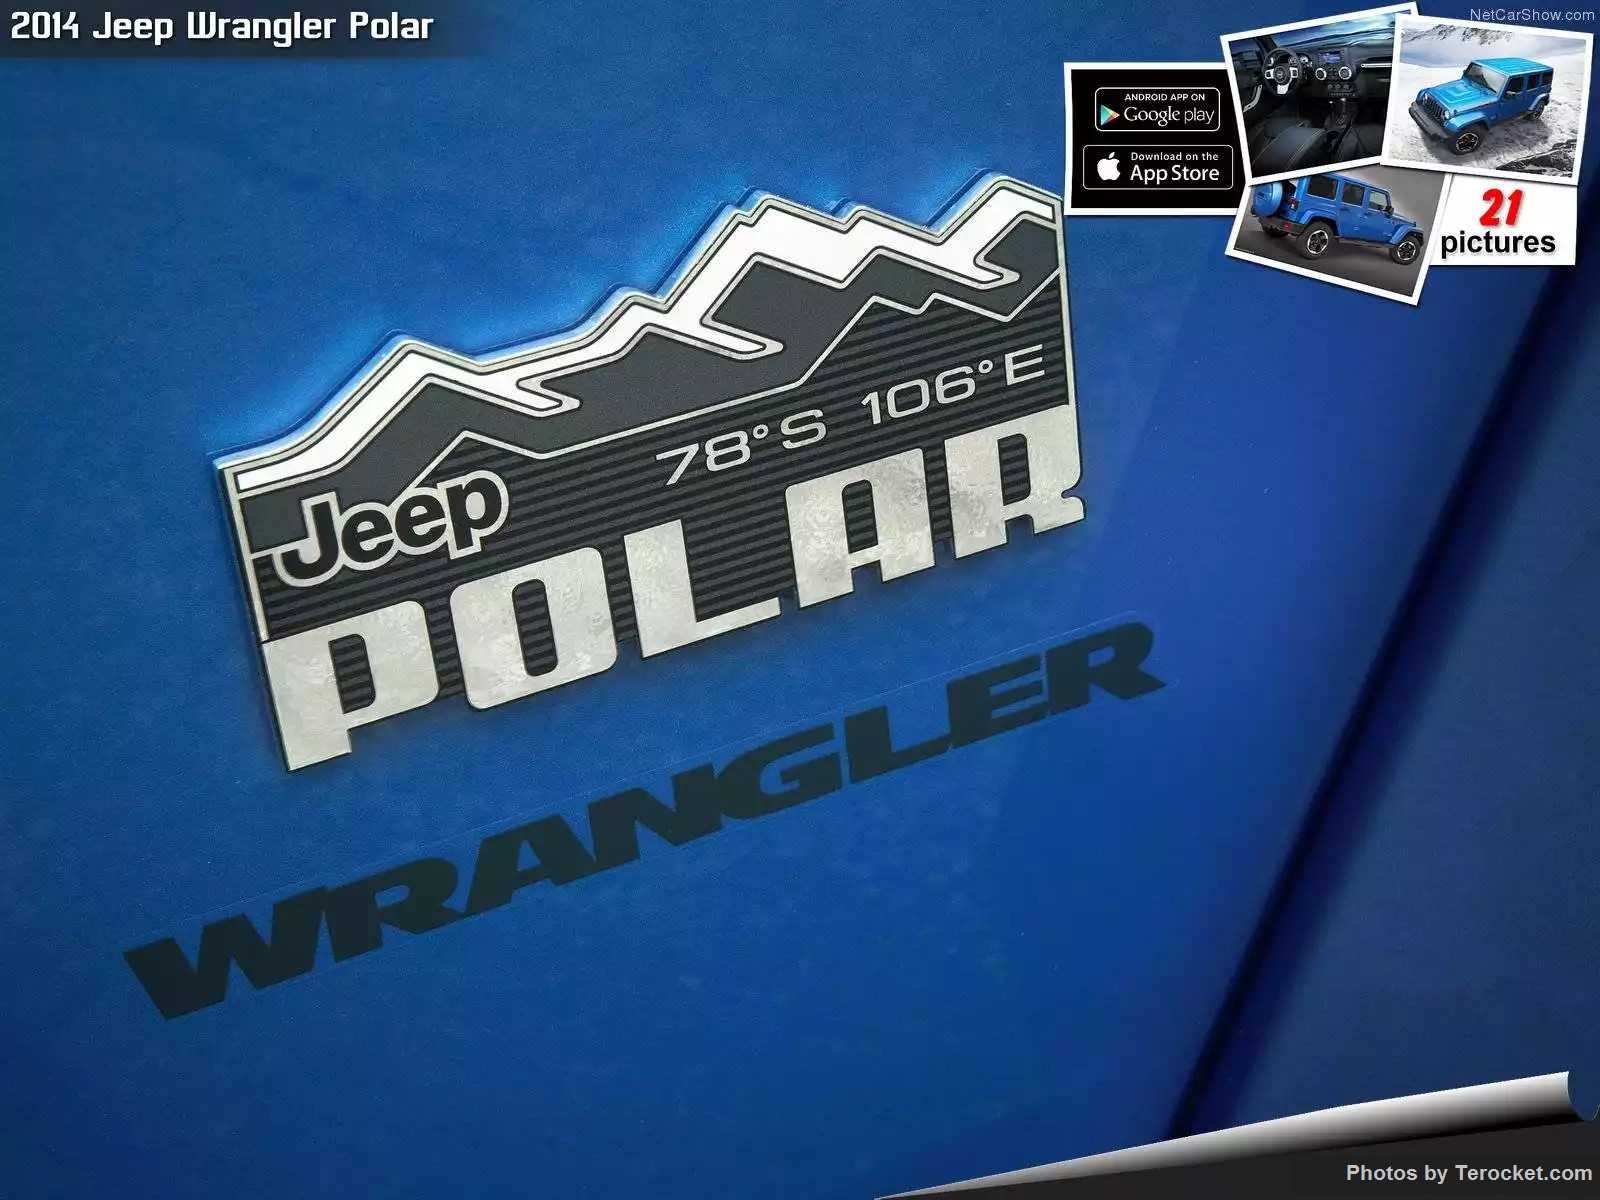 Hình ảnh xe ô tô Jeep Wrangler Polar 2014 & nội ngoại thất